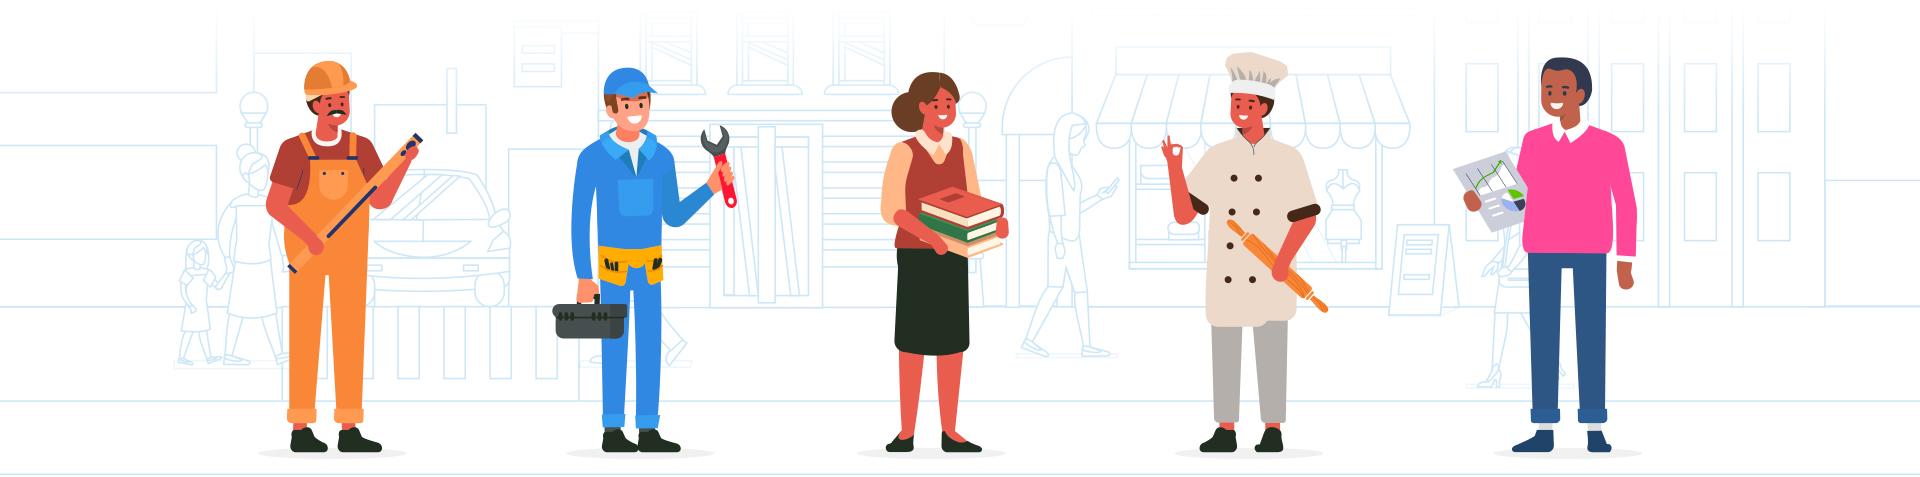 Un géomètre, un ouvrier, une libraire, un artisan boulanger et un employé de bureau en train de trier leurs déchets